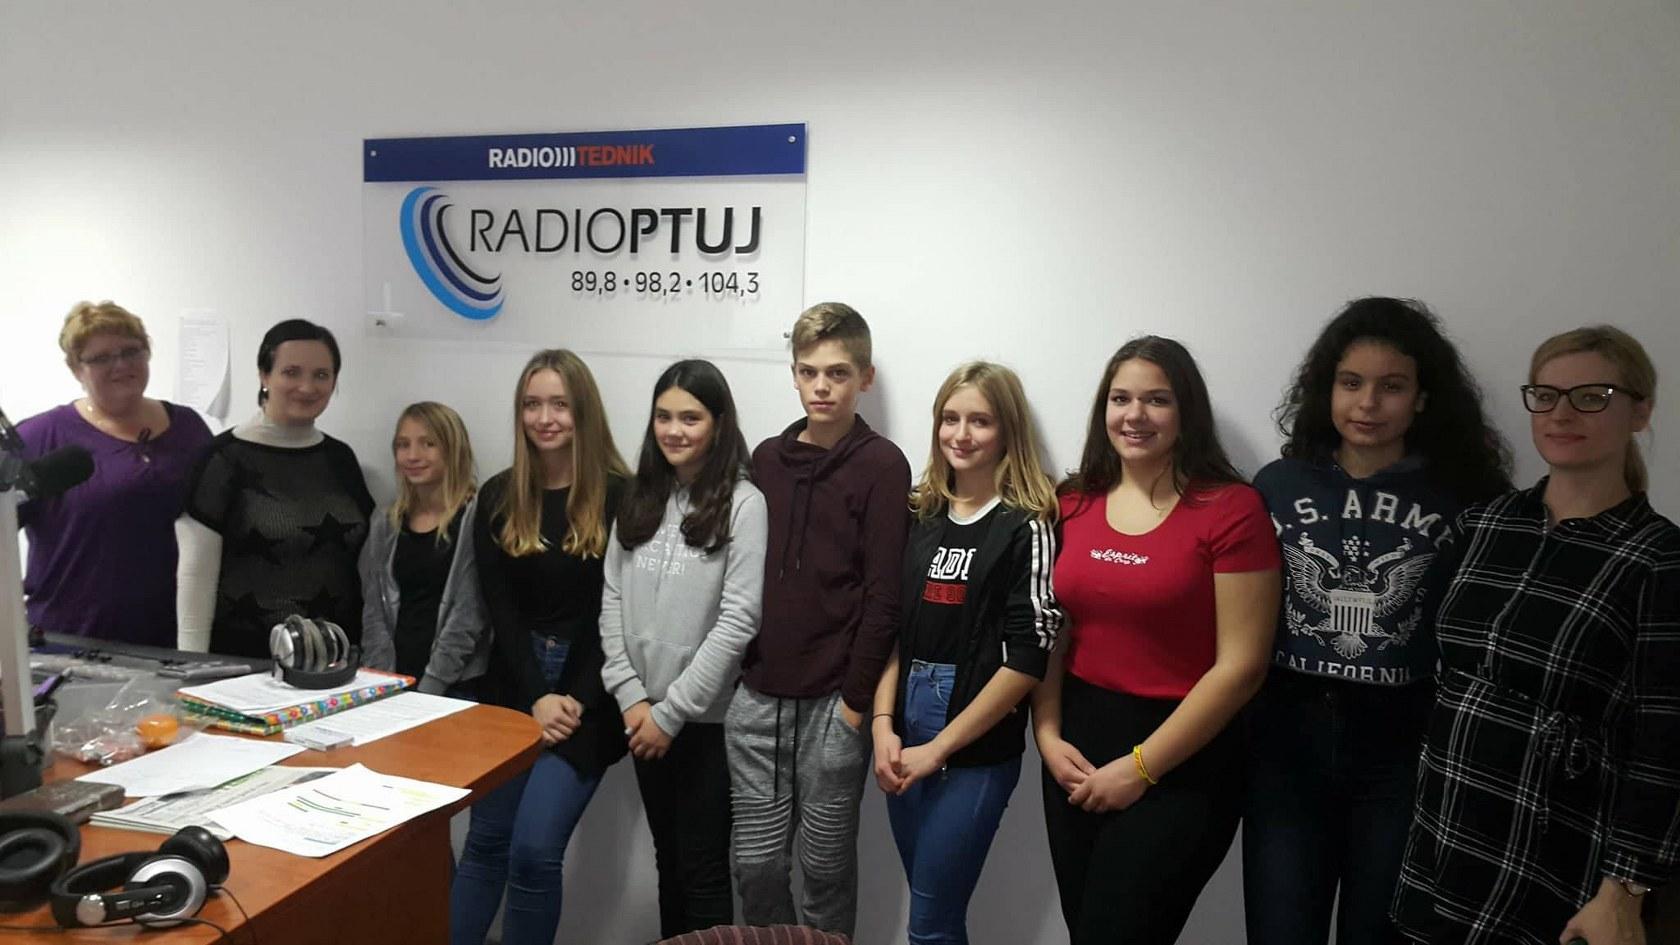 obisk-radia-tednik-ptuj-novinar-24_1680x945